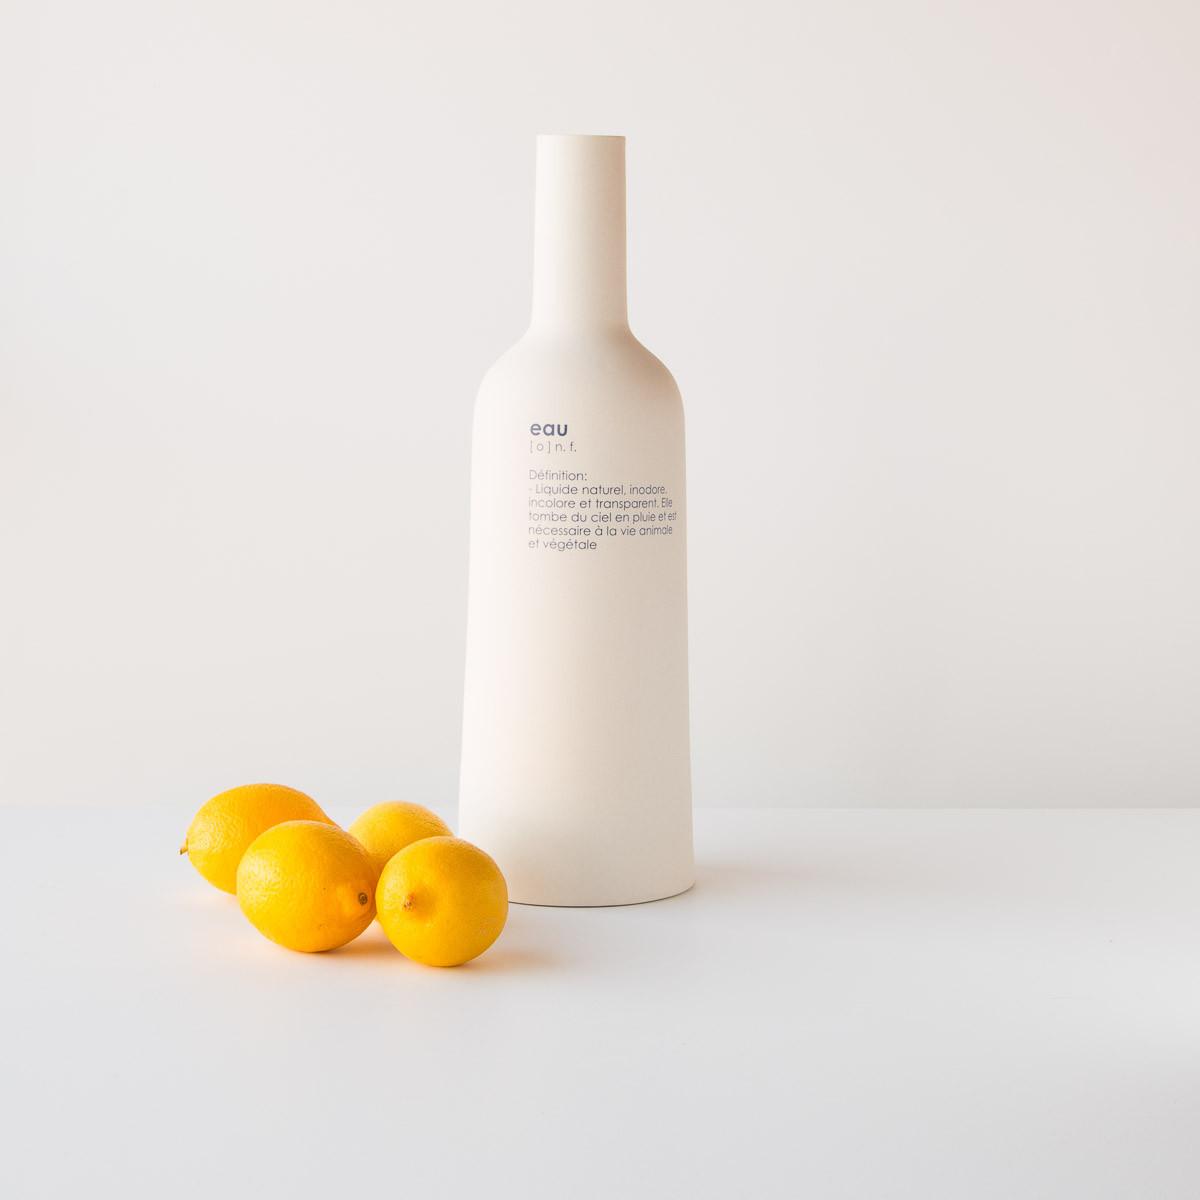 bouteille-pour-eau-en-ceramique-pmo-design_6e63f189-bebc-4b93-860c-147fb7b59c14